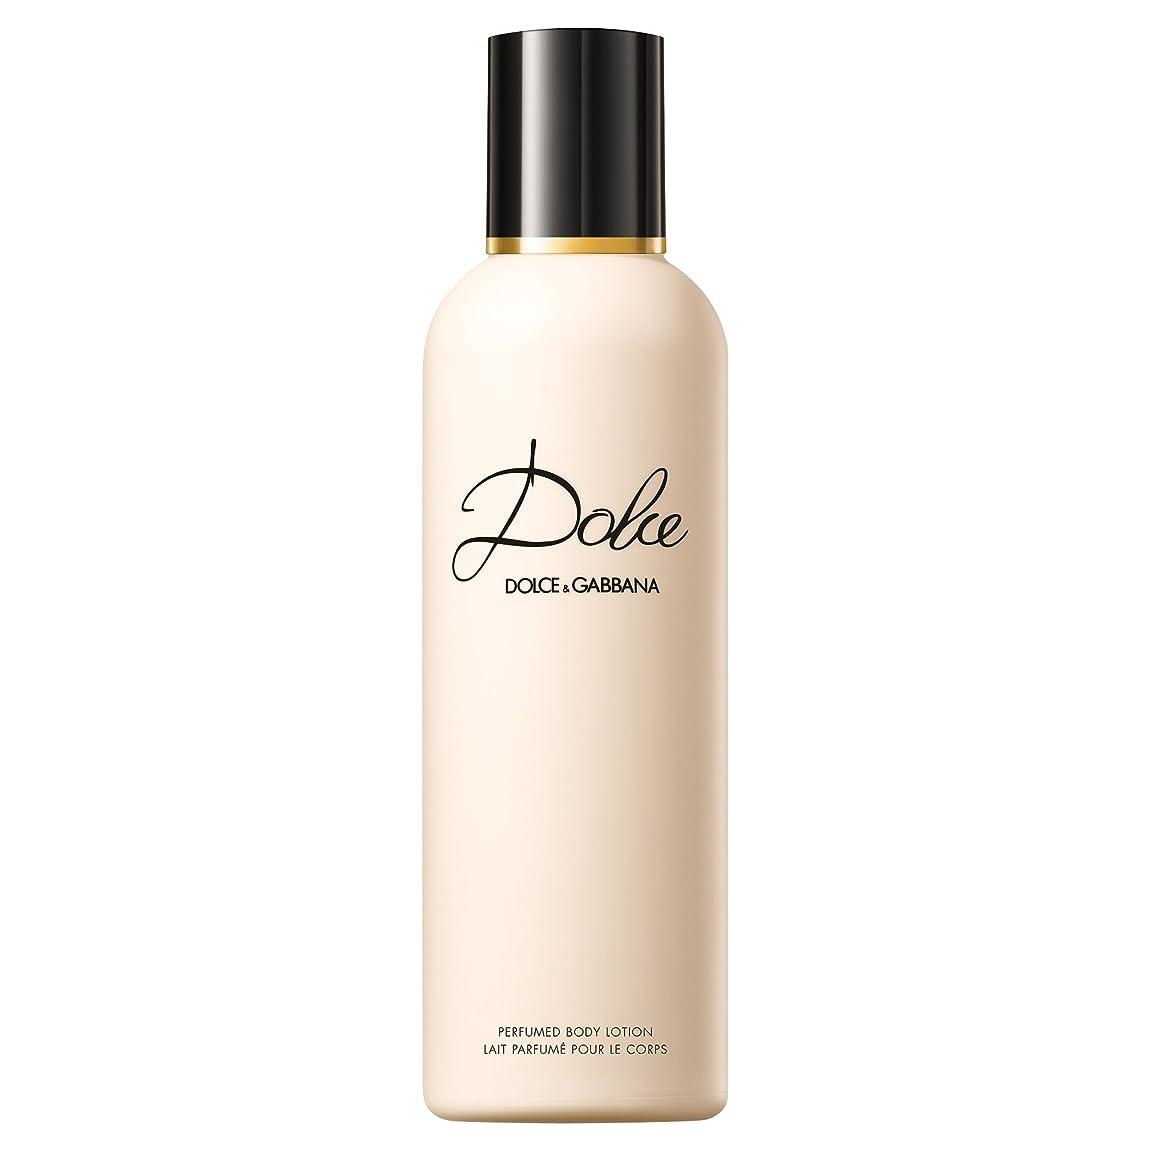 修理工満たす荒廃するドルチェ&ガッバーナドルチェのボディローション200ミリリットル (Dolce & Gabbana) (x6) - Dolce & Gabbana Dolce Body Lotion 200ml (Pack of 6) [並行輸入品]